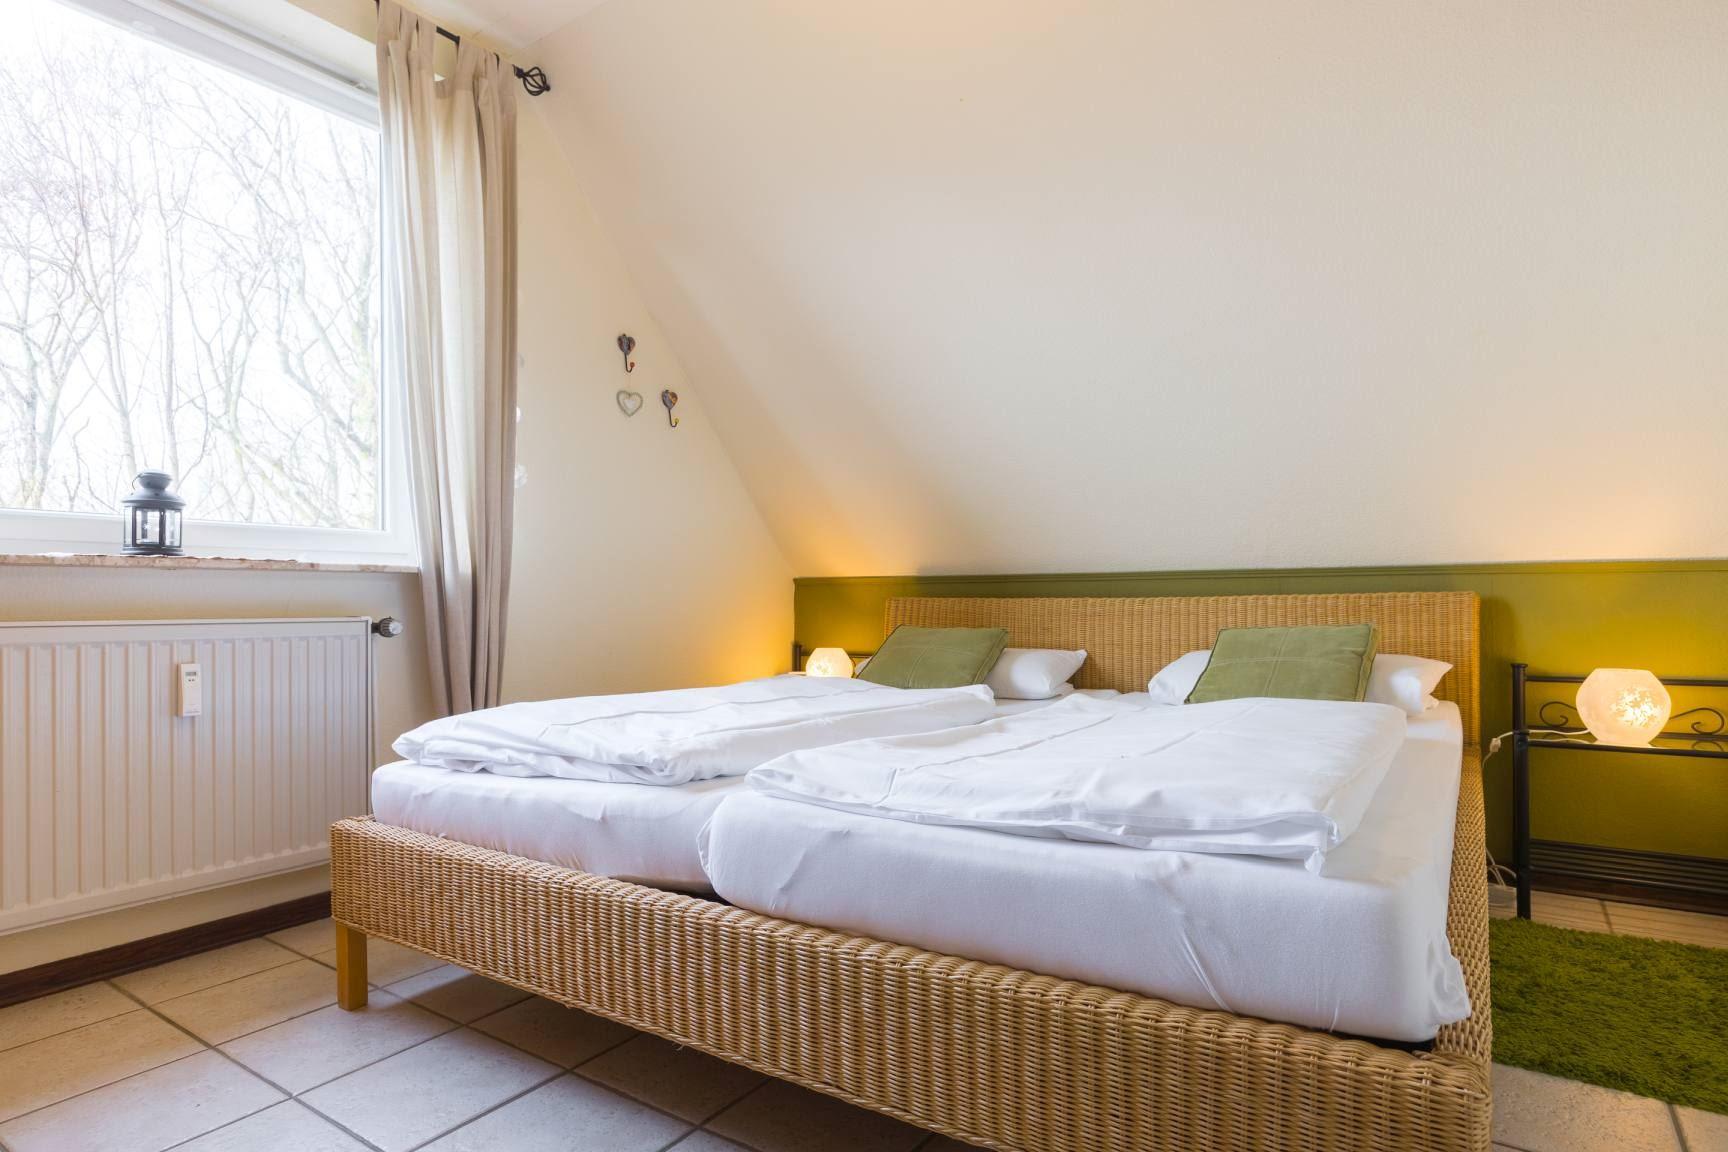 1. Schlafzimmer - St Peter Ording Dorf, Haus Wogemann, Wohnung 11